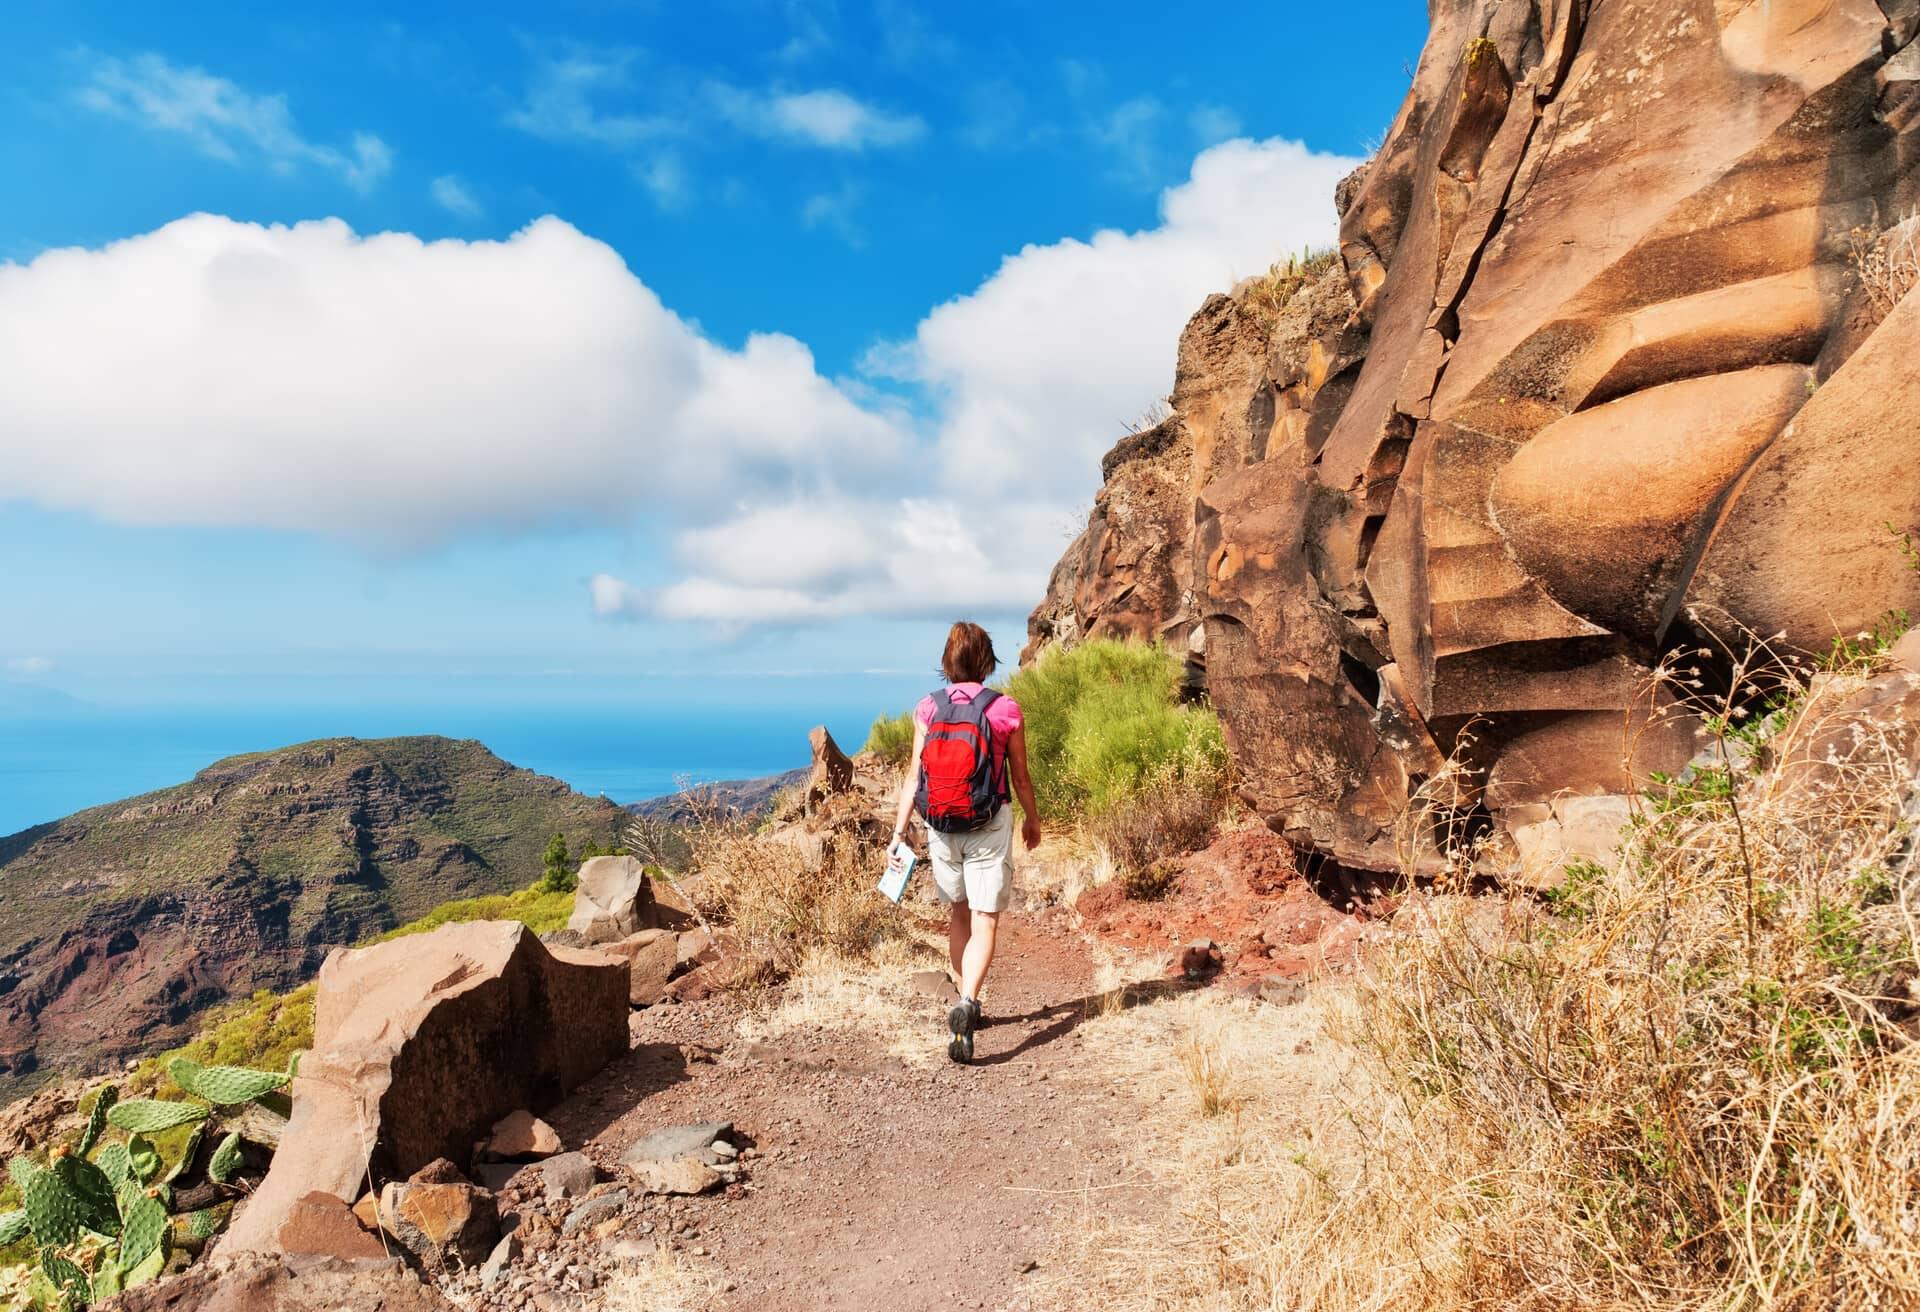 Escursionismo a Tenerife, Spagna.